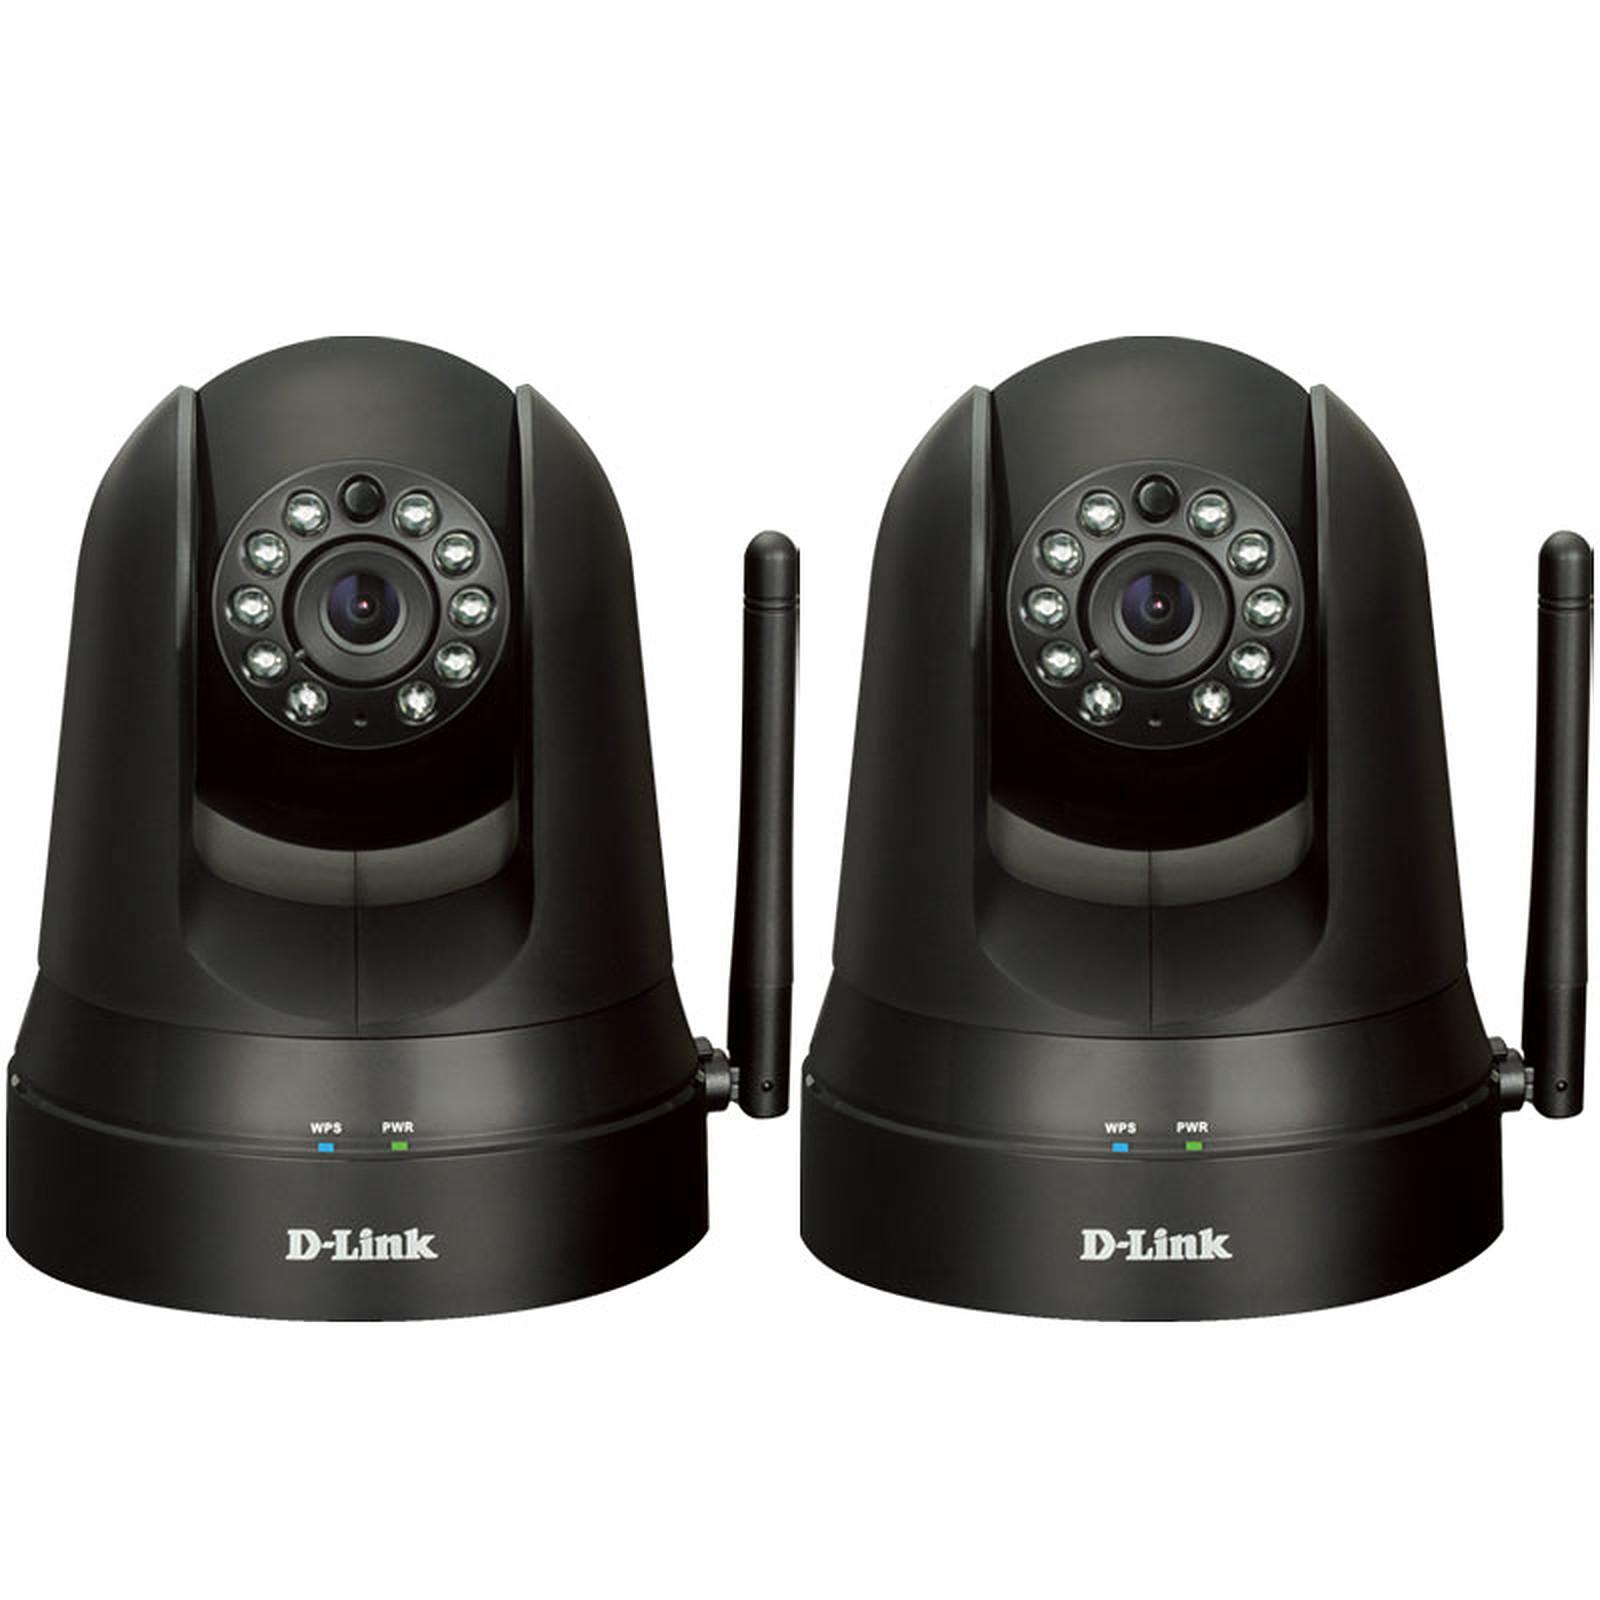 D-Link DCS-5009L x 2